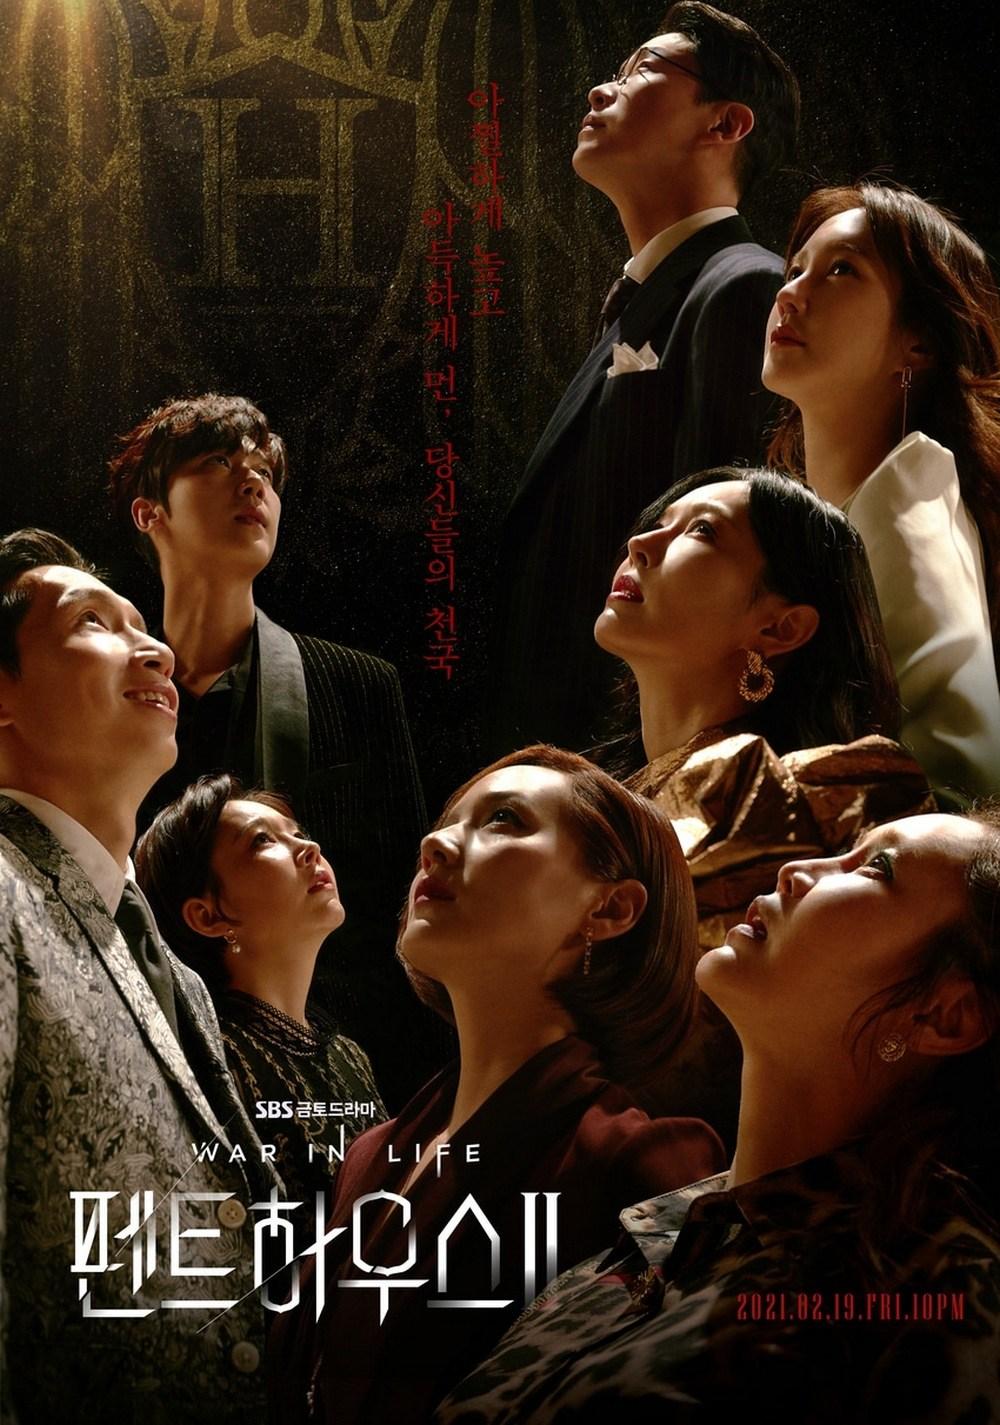 Xem Phim Penthouse: Cuộc Chiến Thượng Lưu 2